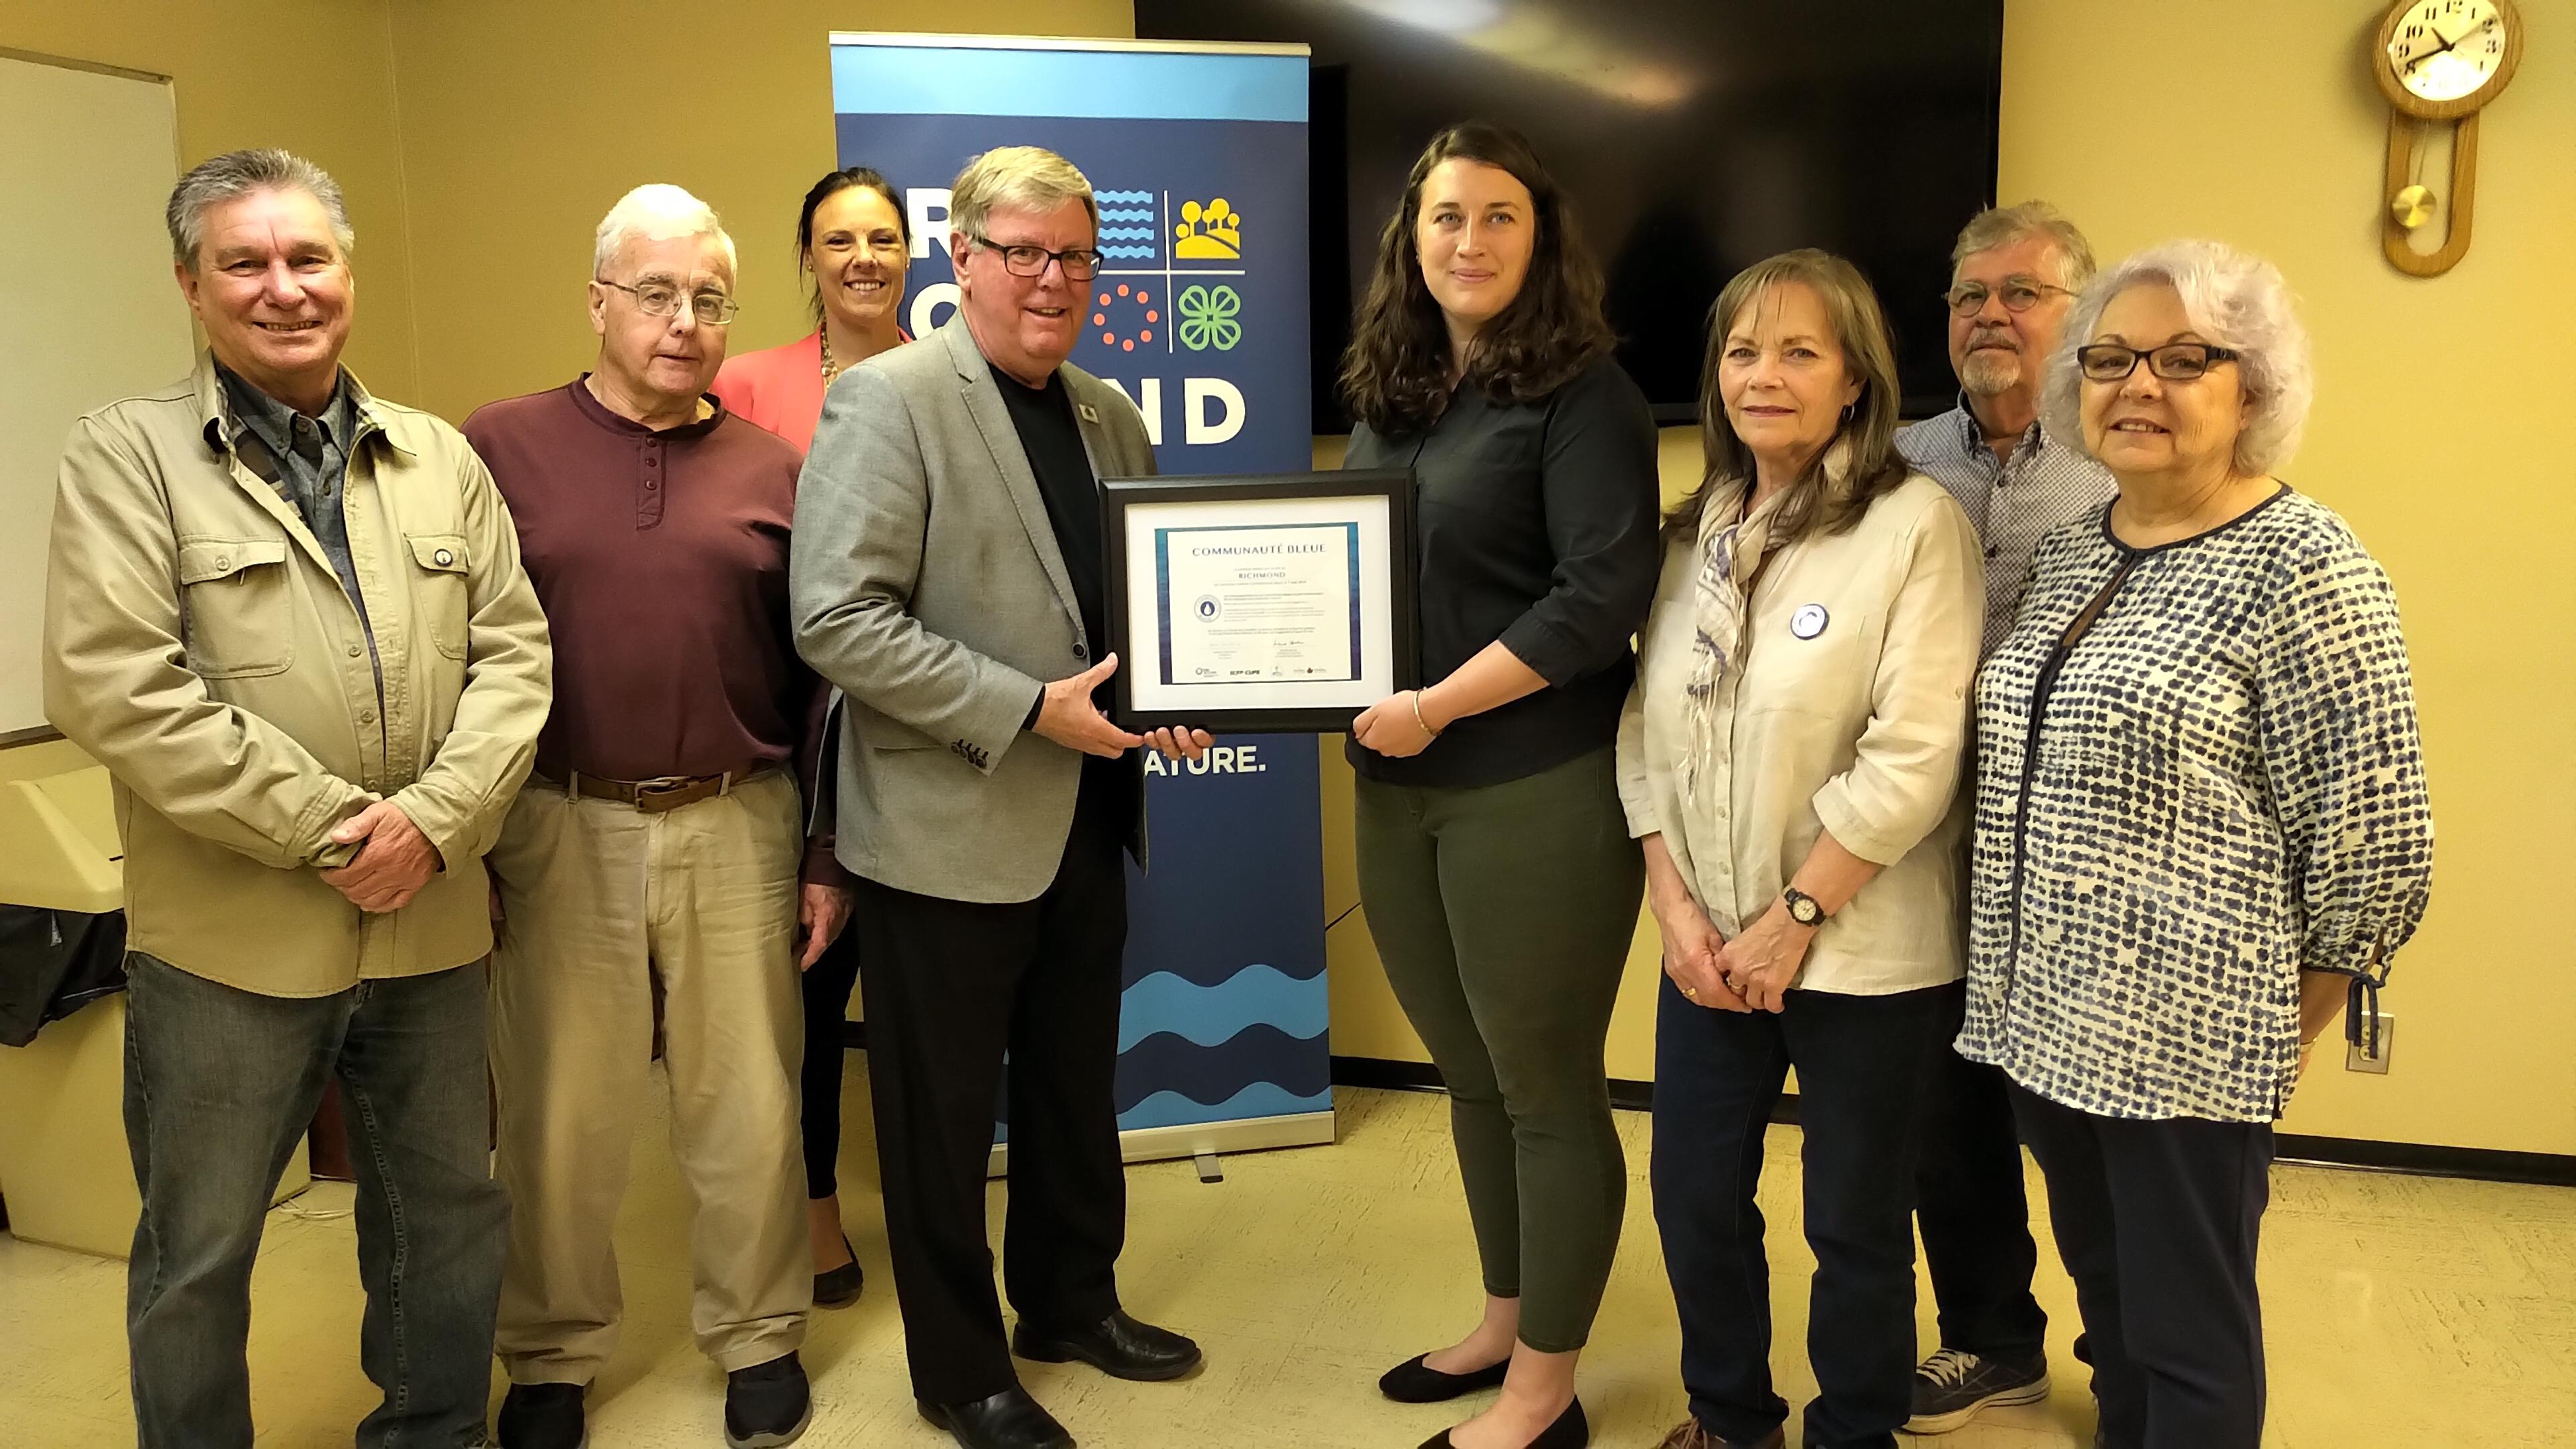 Richmond certifiée «Communauté bleue»